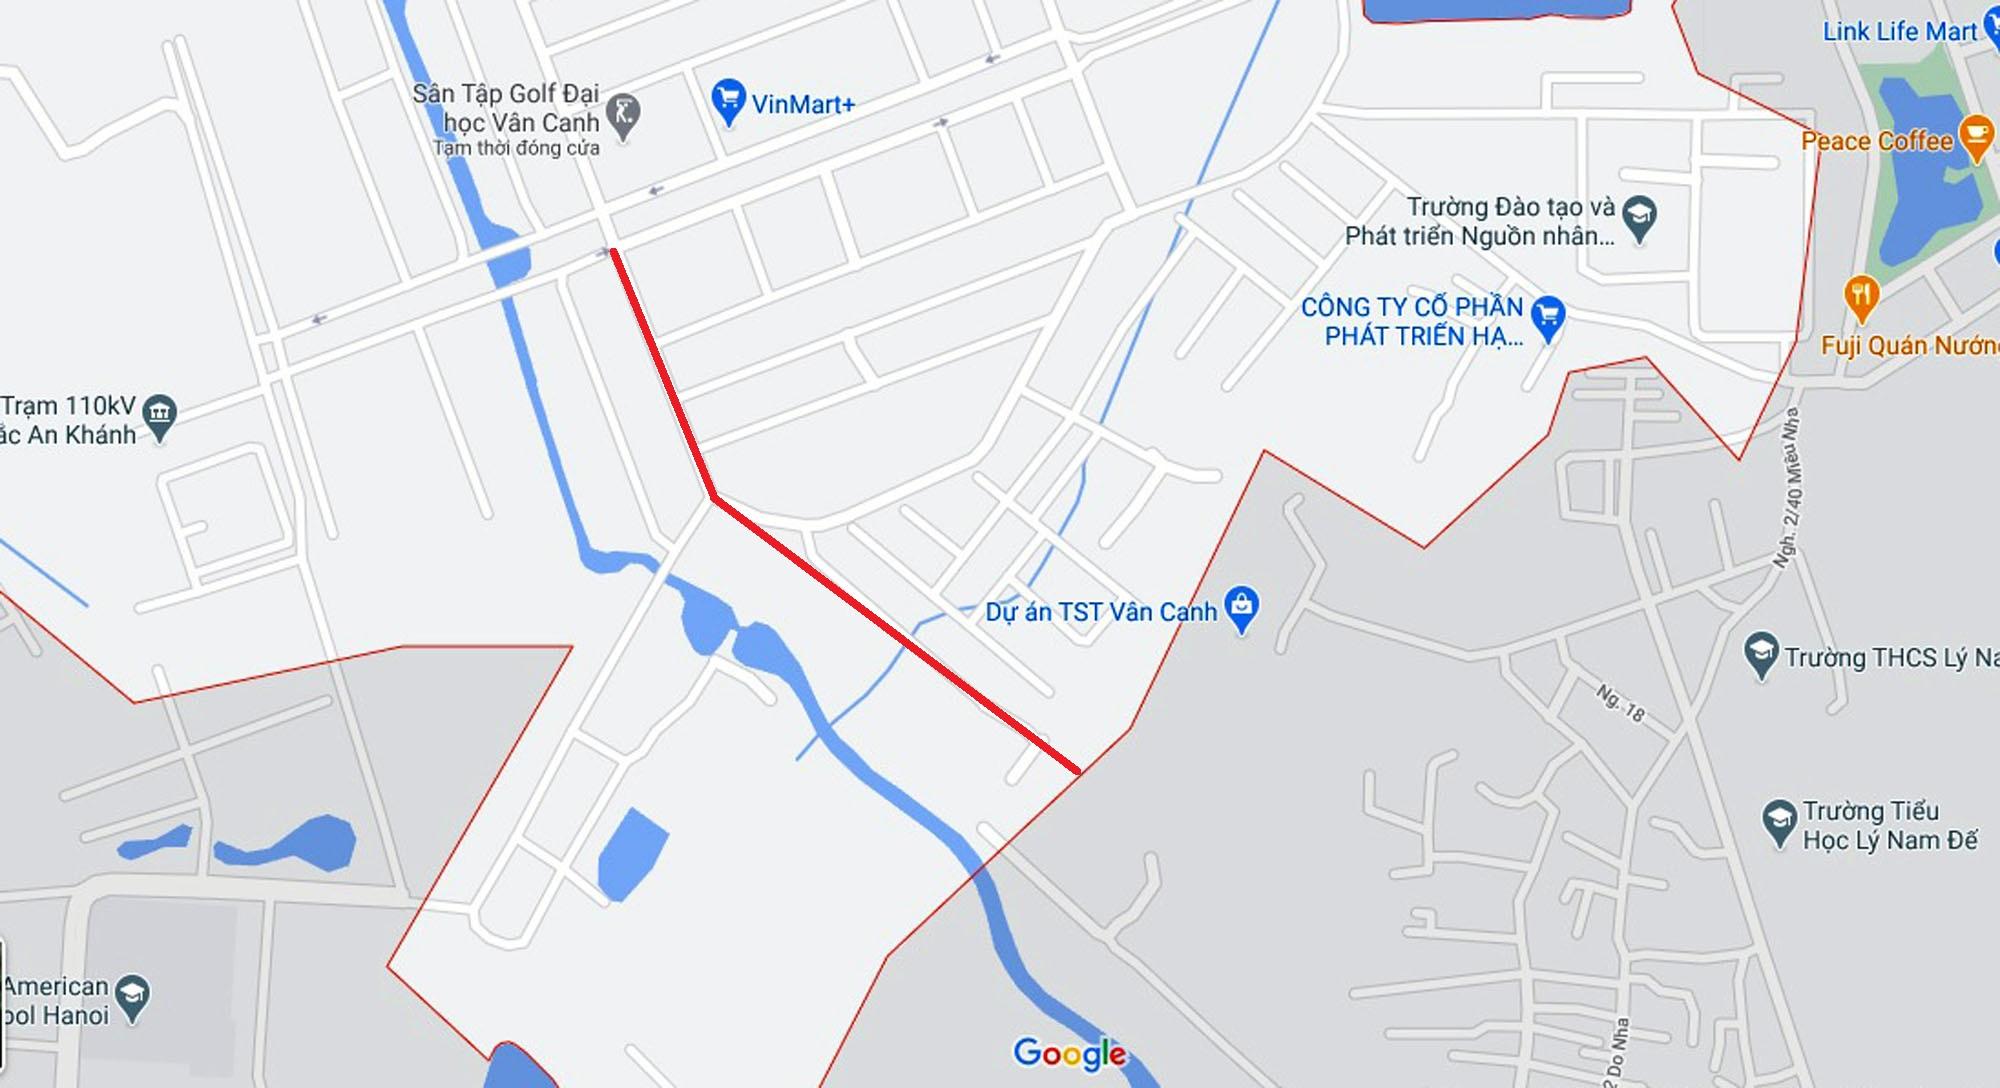 Ba đường sẽ mở theo qui hoạch ở xã Vân Canh, Hoài Đức, Hà Nội - Ảnh 12.